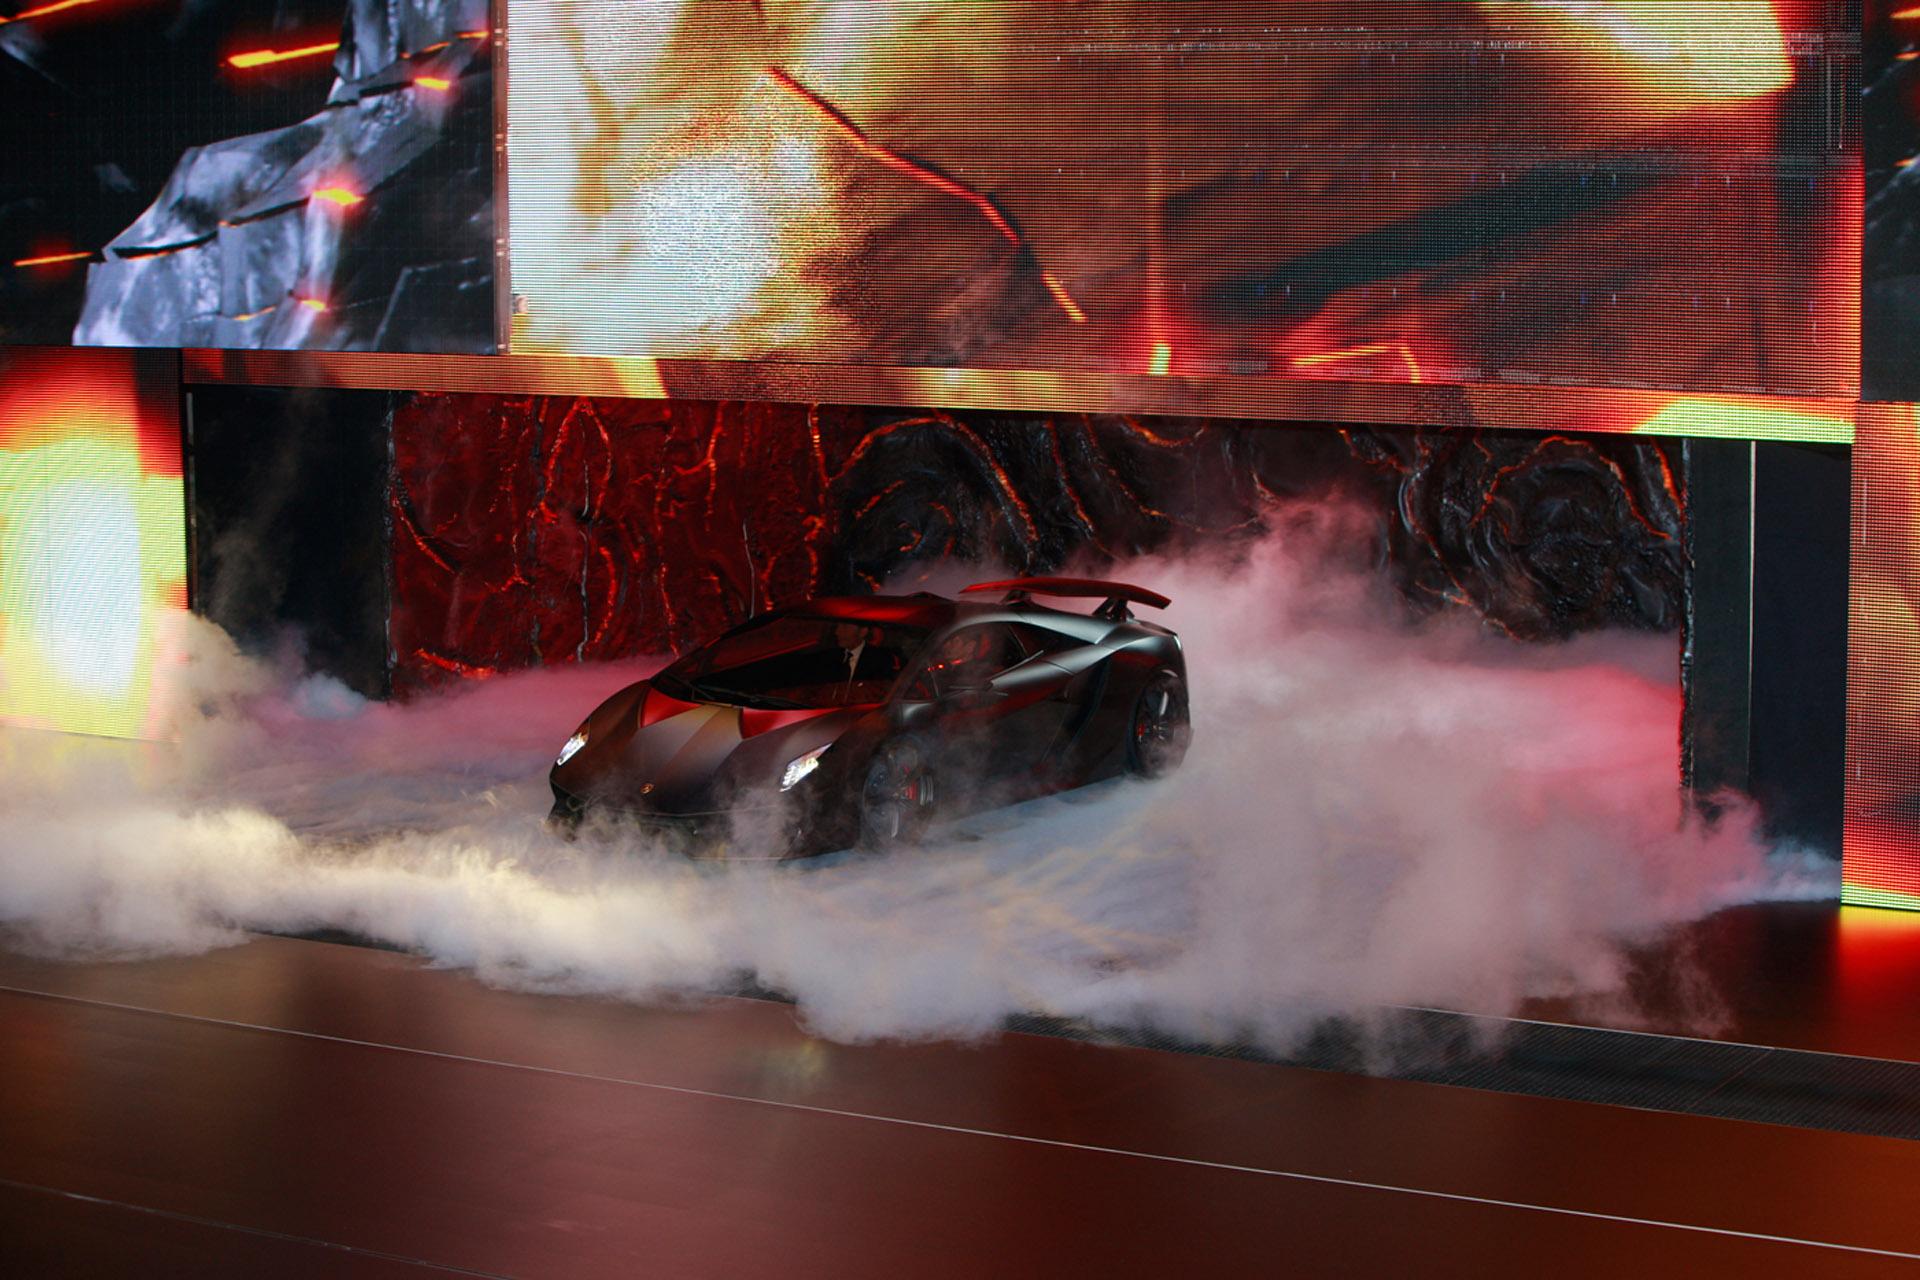 Lamborghini Sesto Elemento официально премьера состоялась в Париже 2010 - фотография №1